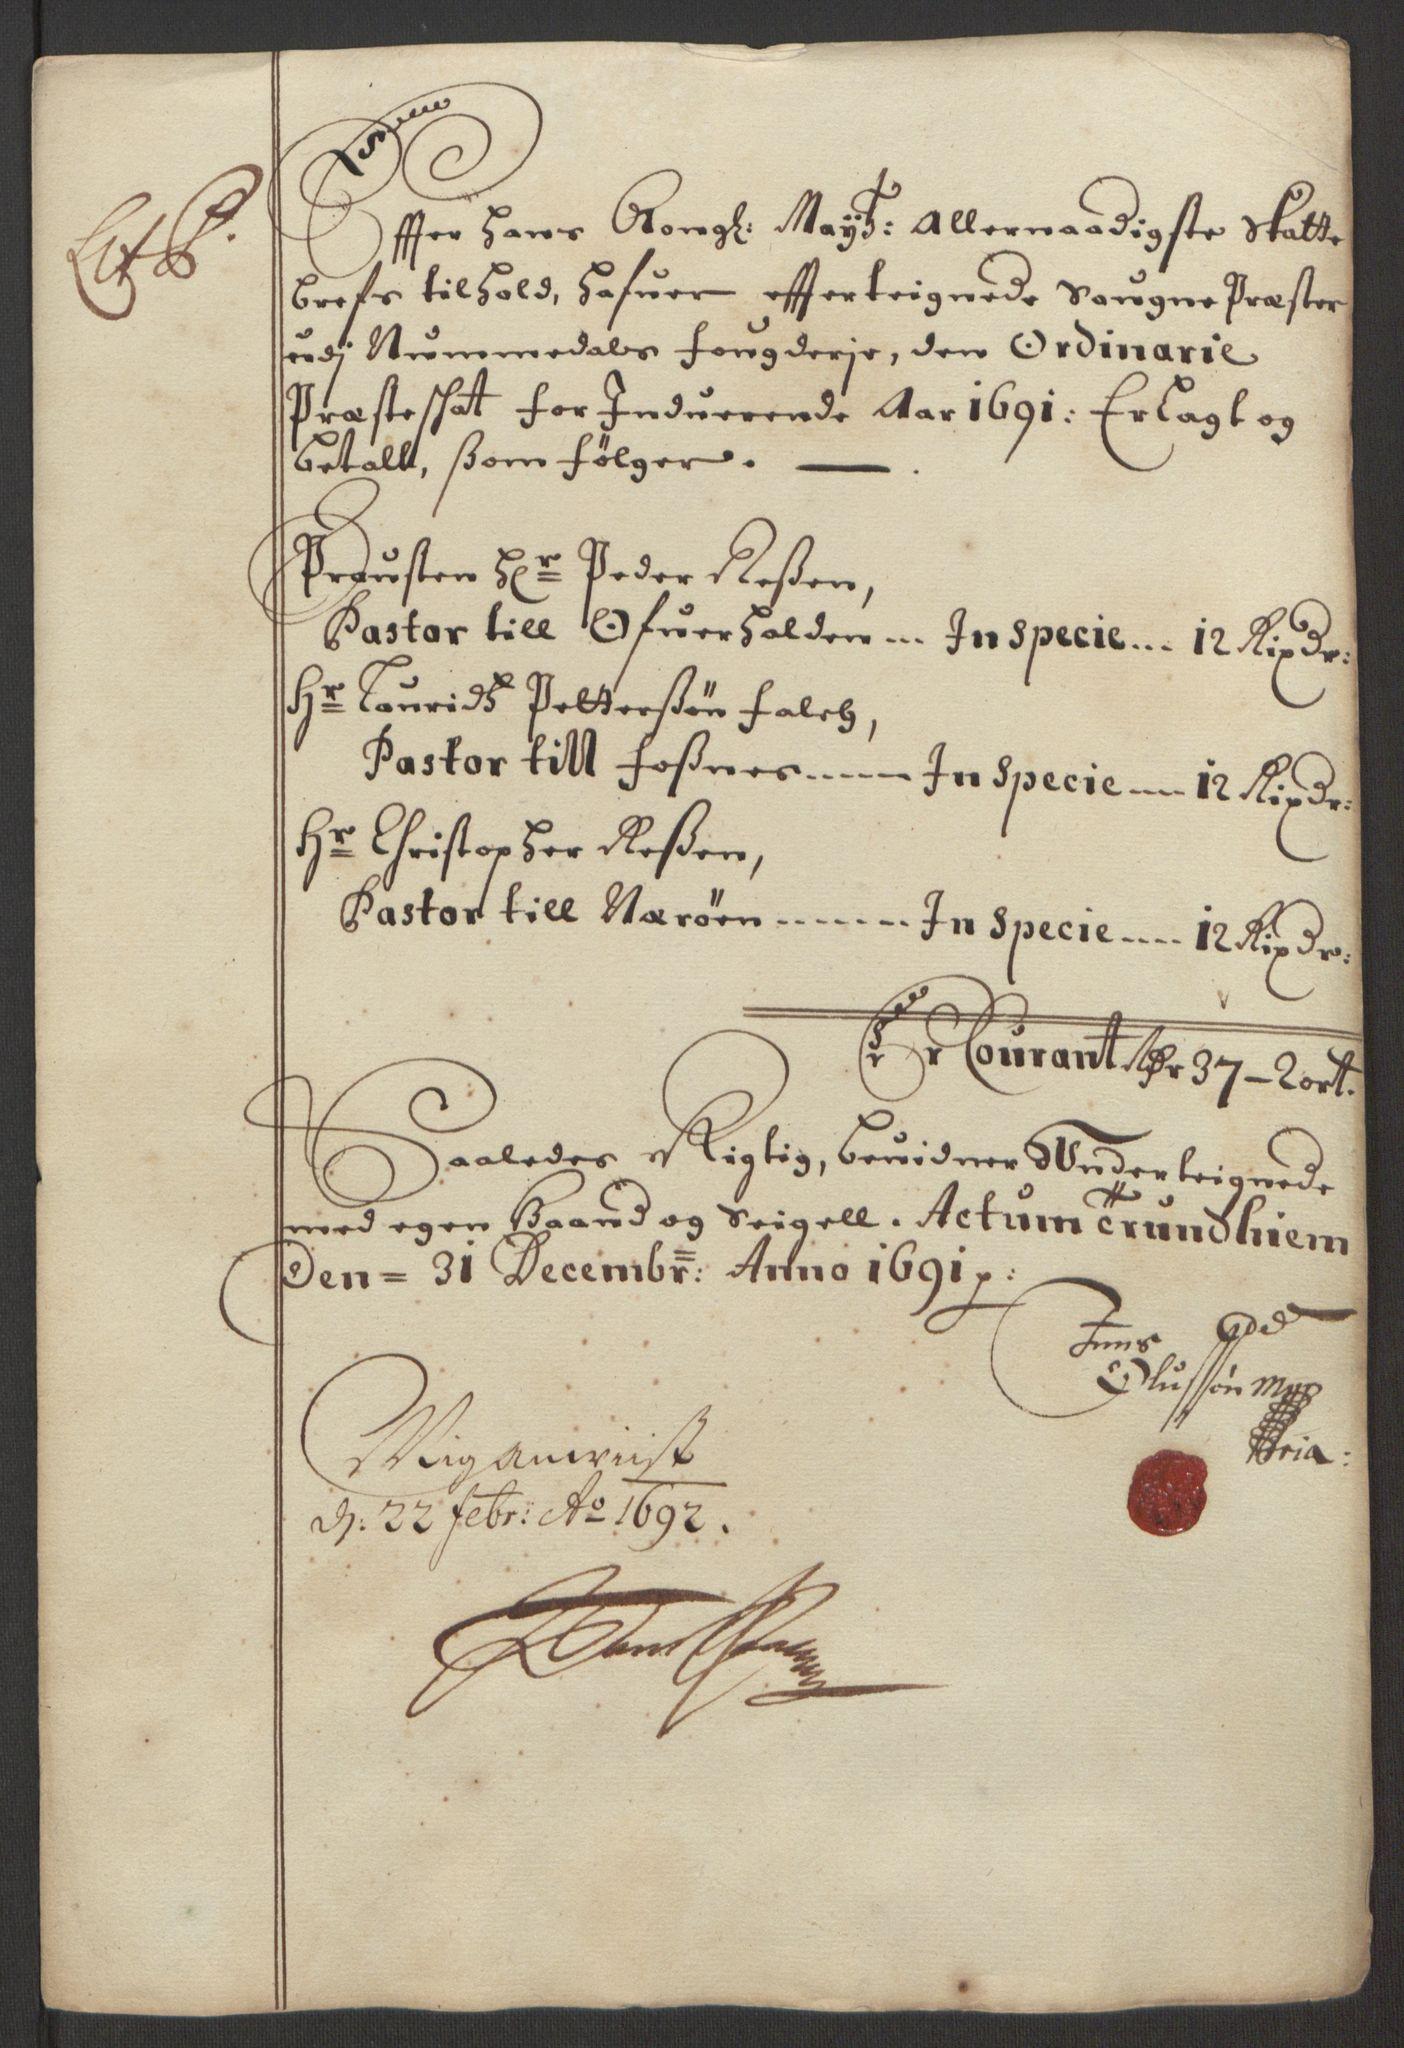 RA, Rentekammeret inntil 1814, Reviderte regnskaper, Fogderegnskap, R64/L4423: Fogderegnskap Namdal, 1690-1691, s. 306